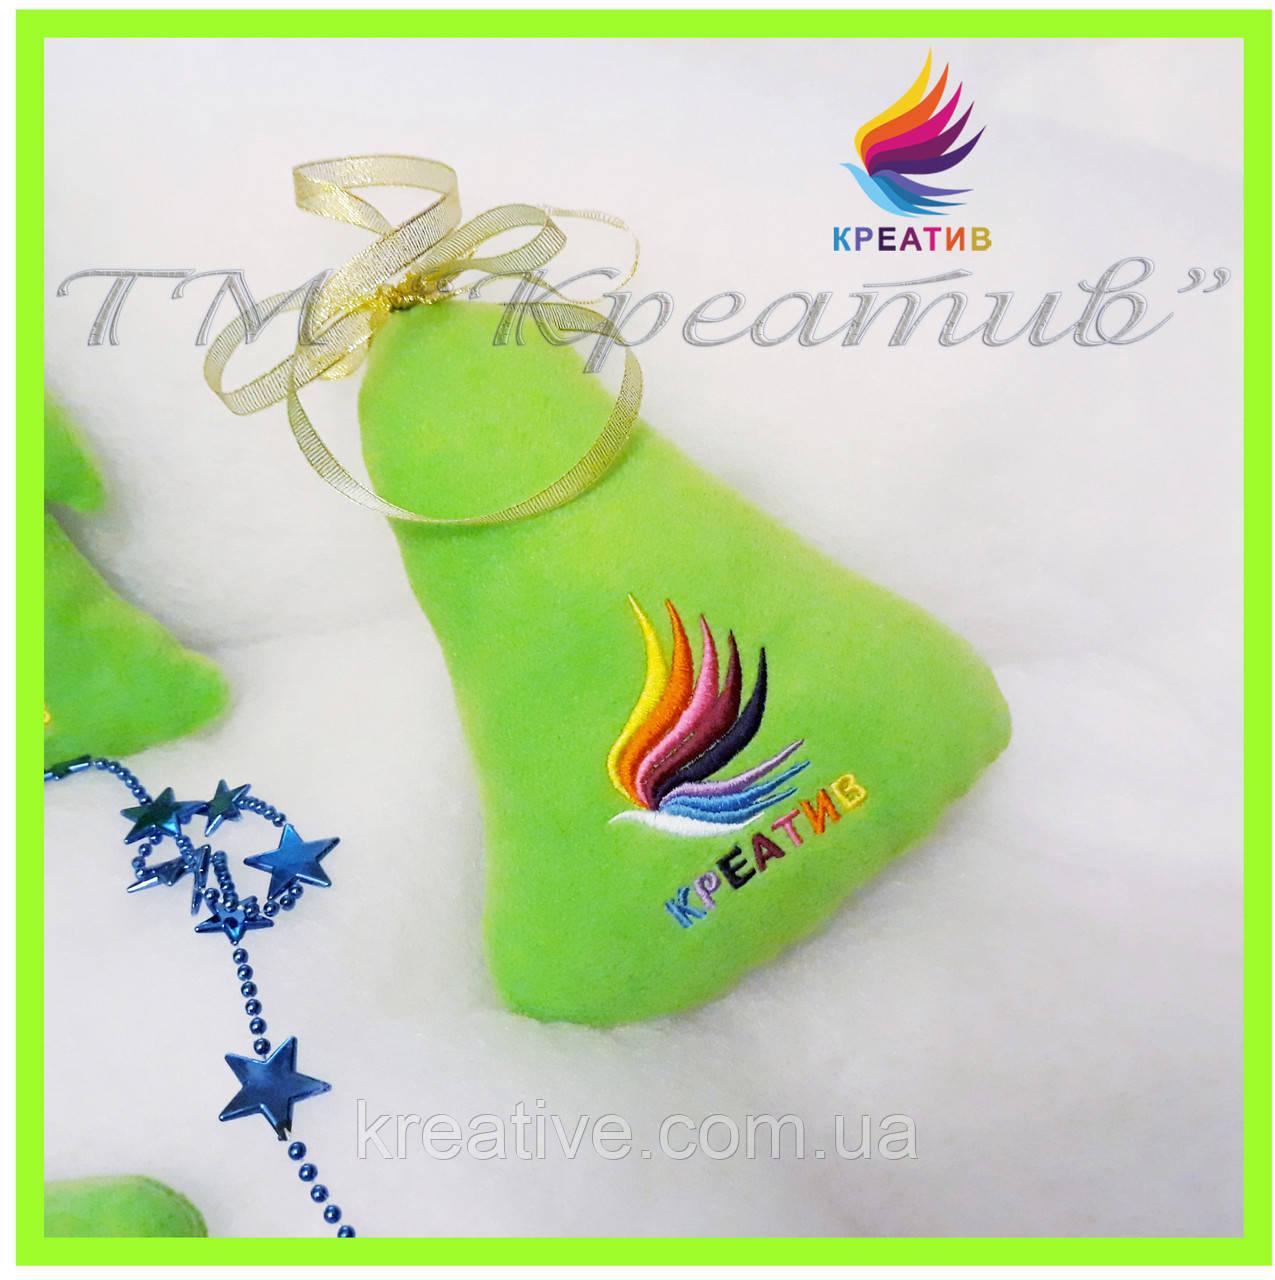 Подушка колокольчик игрушка с вашим логотипом под заказ (от 50 шт.)